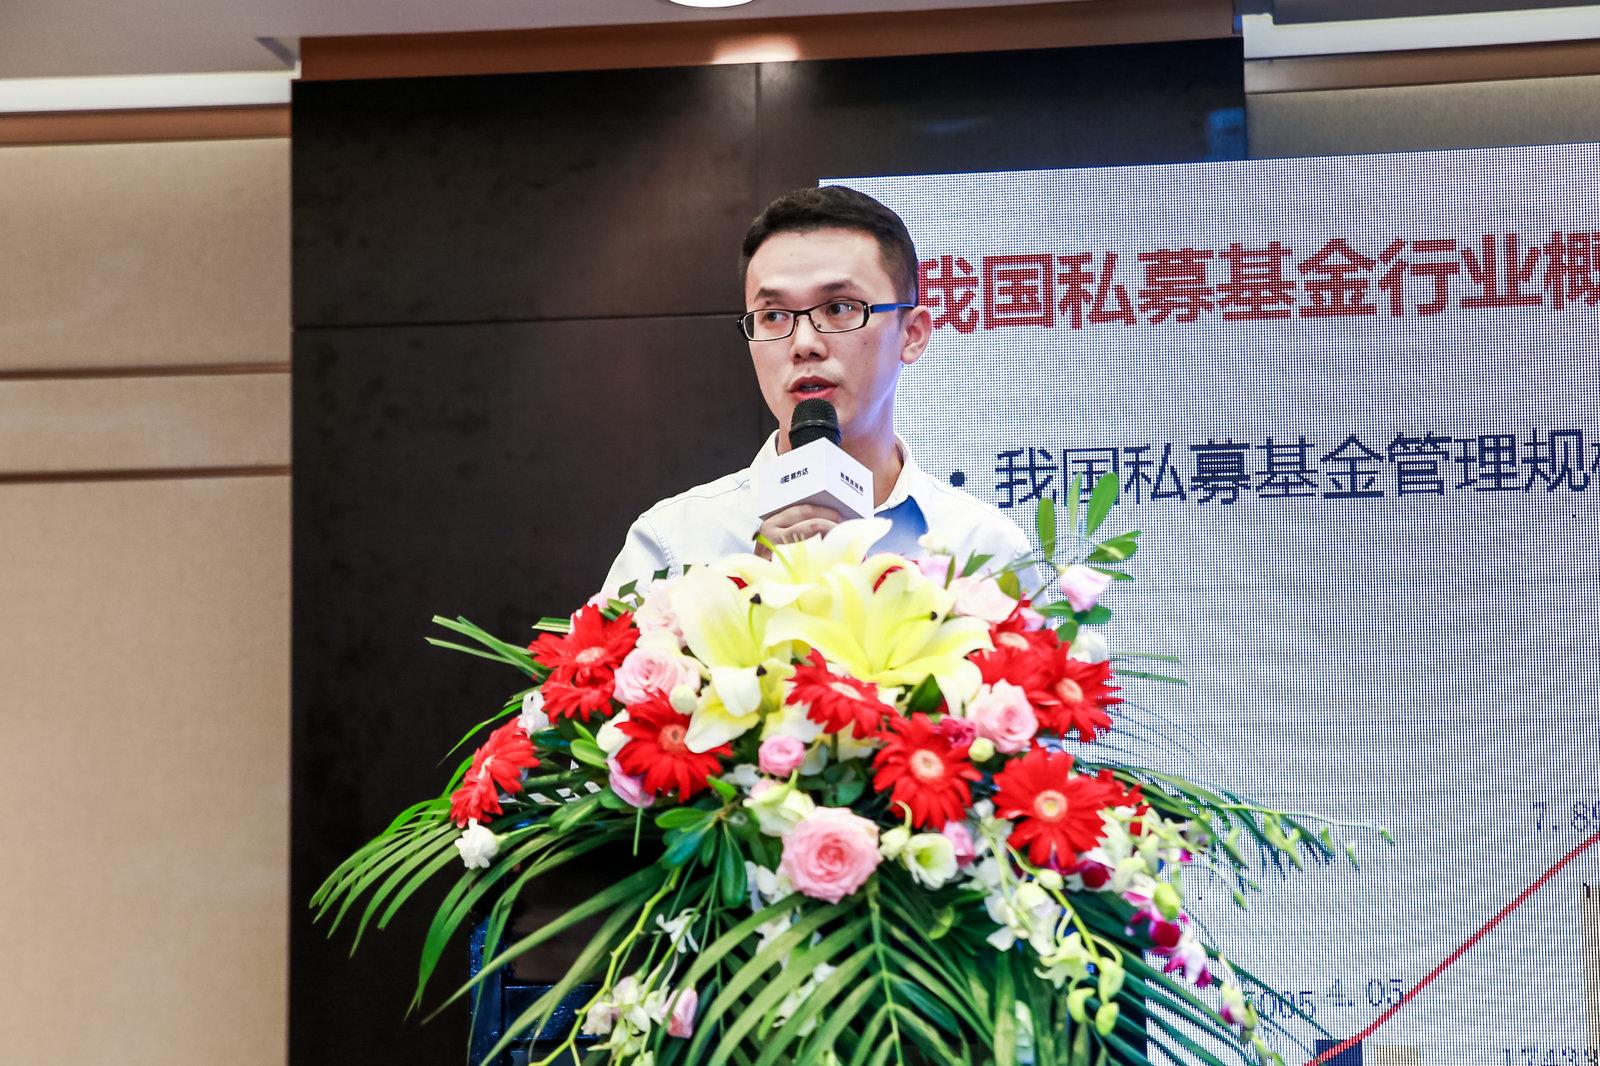 刘 禹 私募排排网 CTO (4).jpg